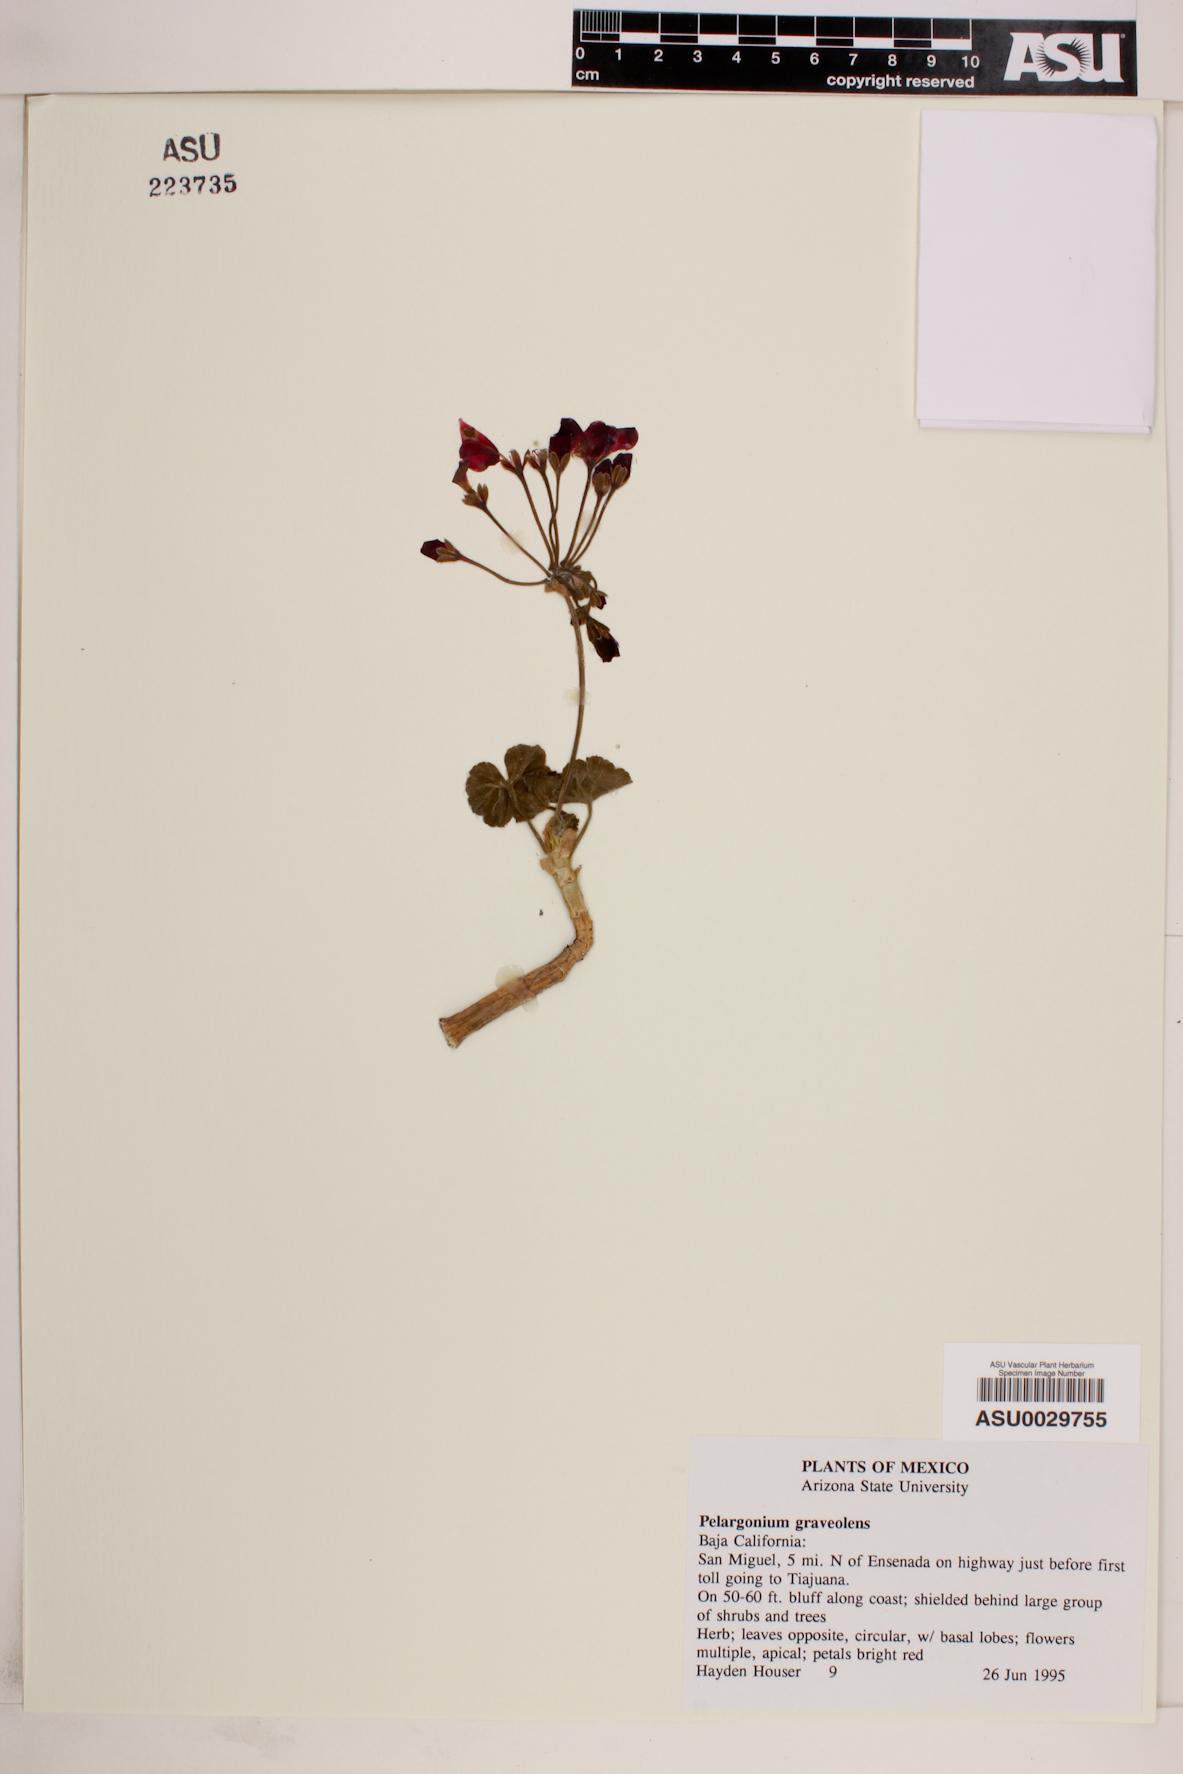 Pelargonium graveolens image